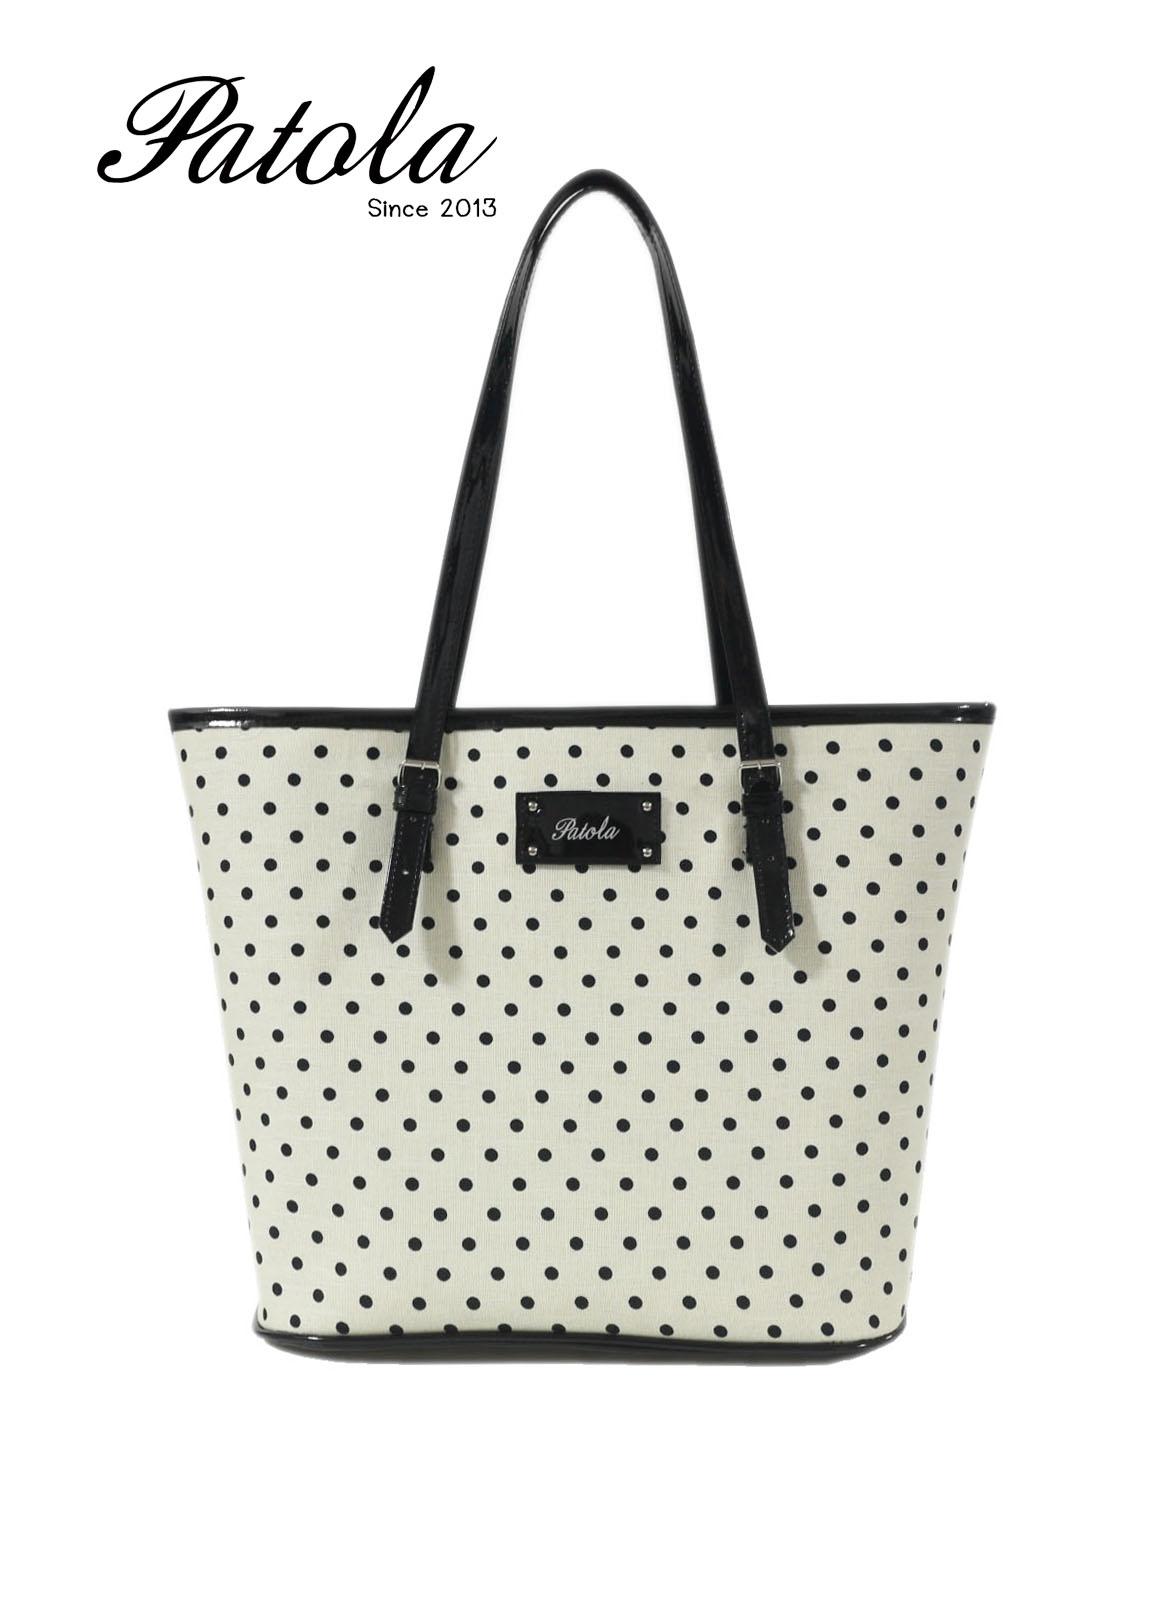 กระเป๋า Patola รุ่น KM ขาวจุดดำ